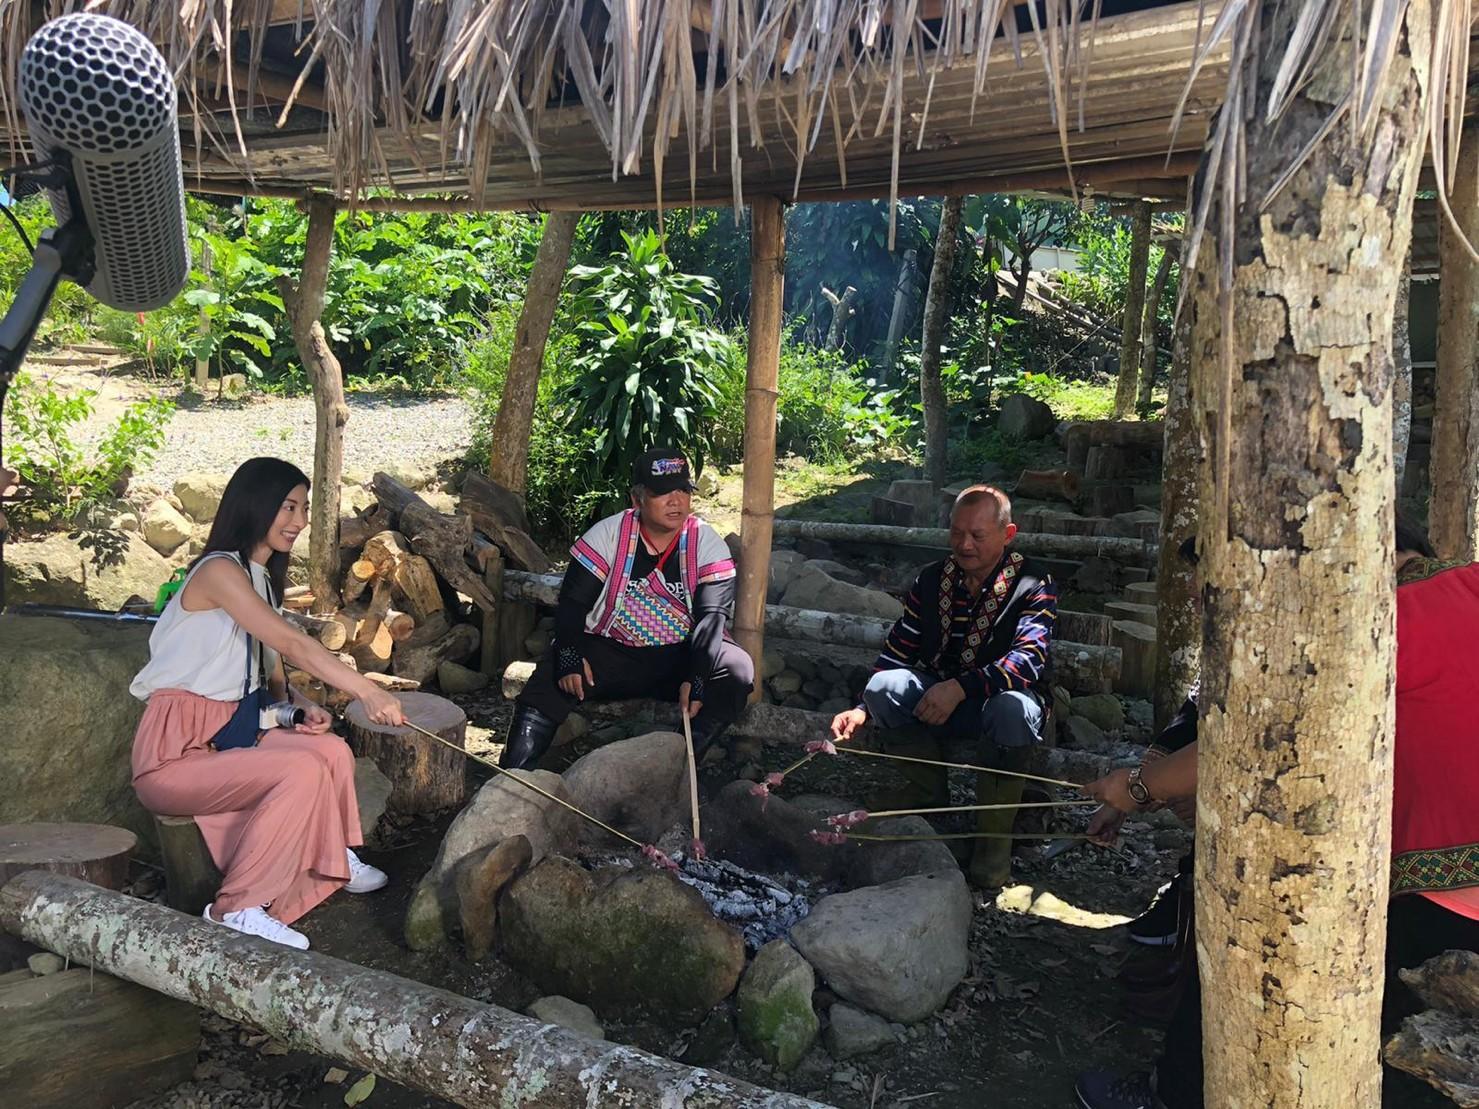 ▲台東的大自然生態與原住民文化,都讓大久保麻梨子深深著迷。